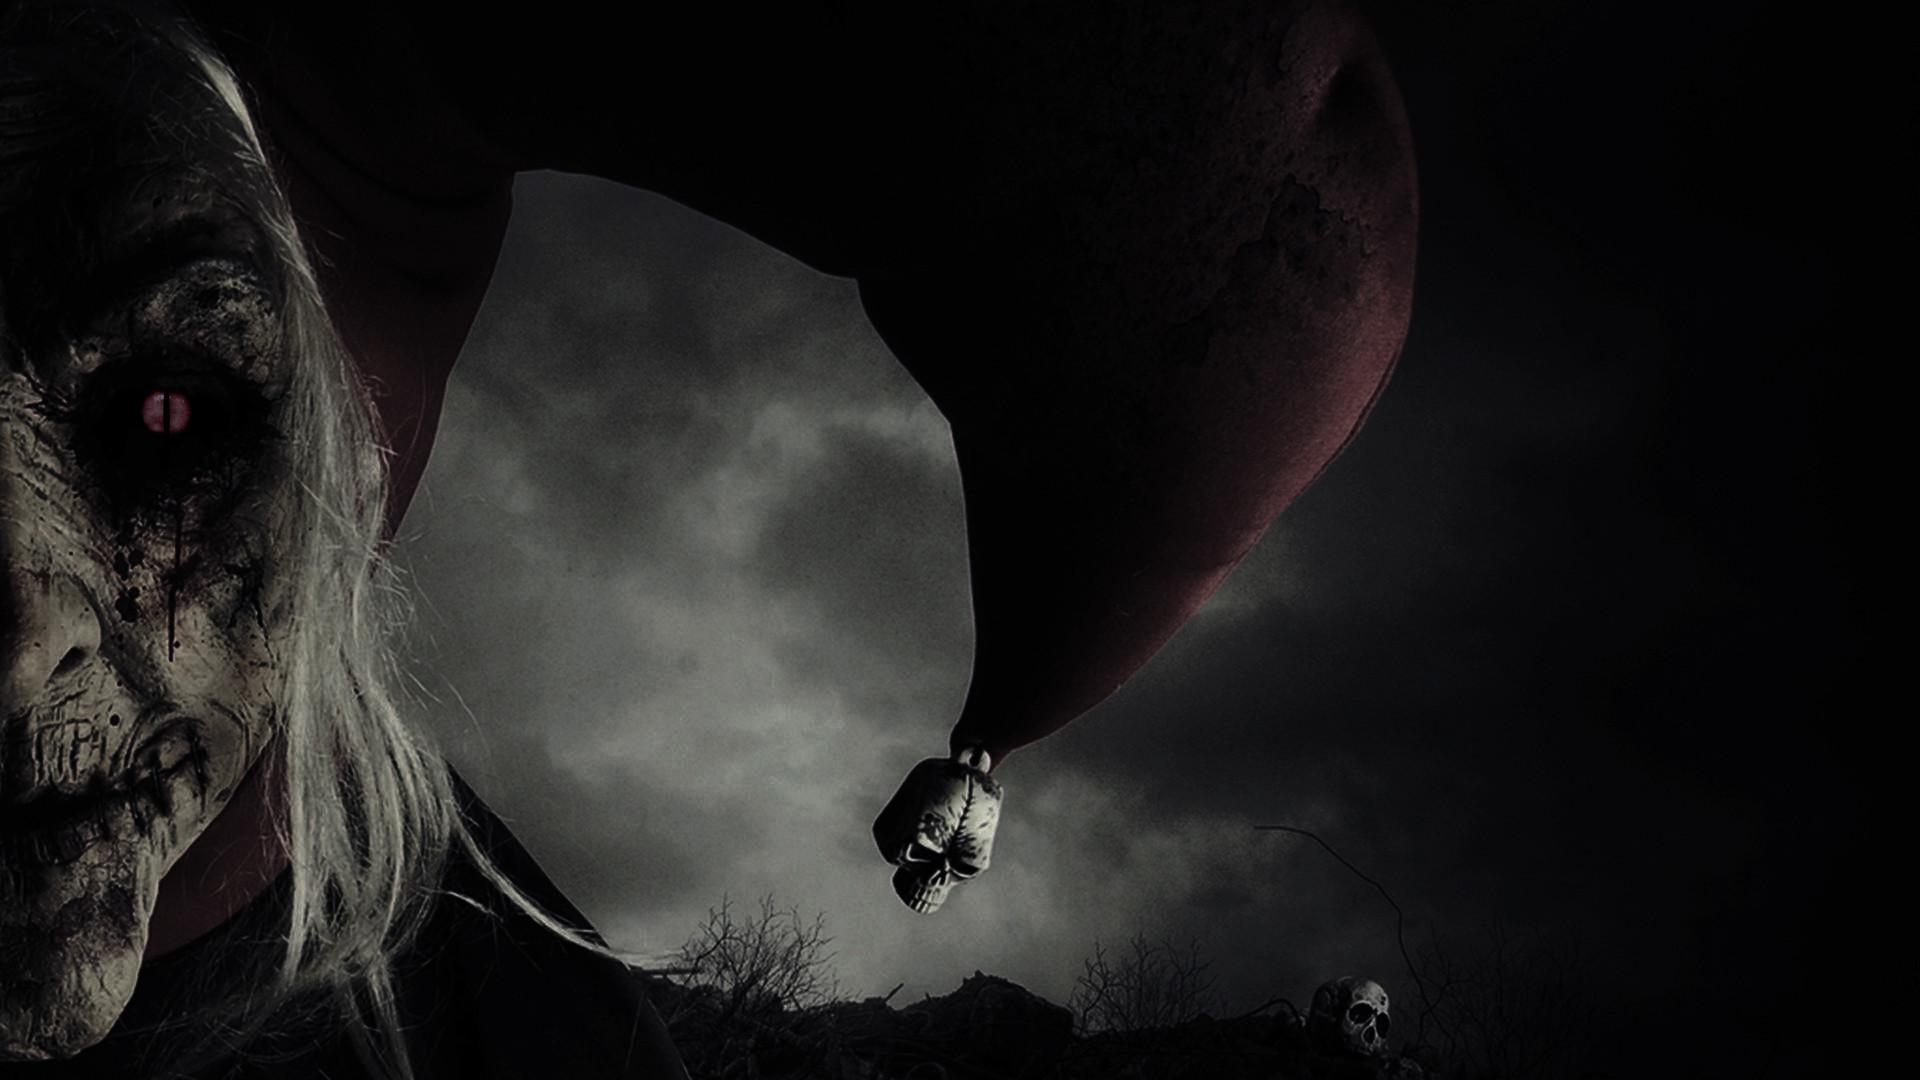 Wallpaper Poltergeist best movies of monster Movies | Wallpapers For Desktop  | Pinterest | Wallpaper